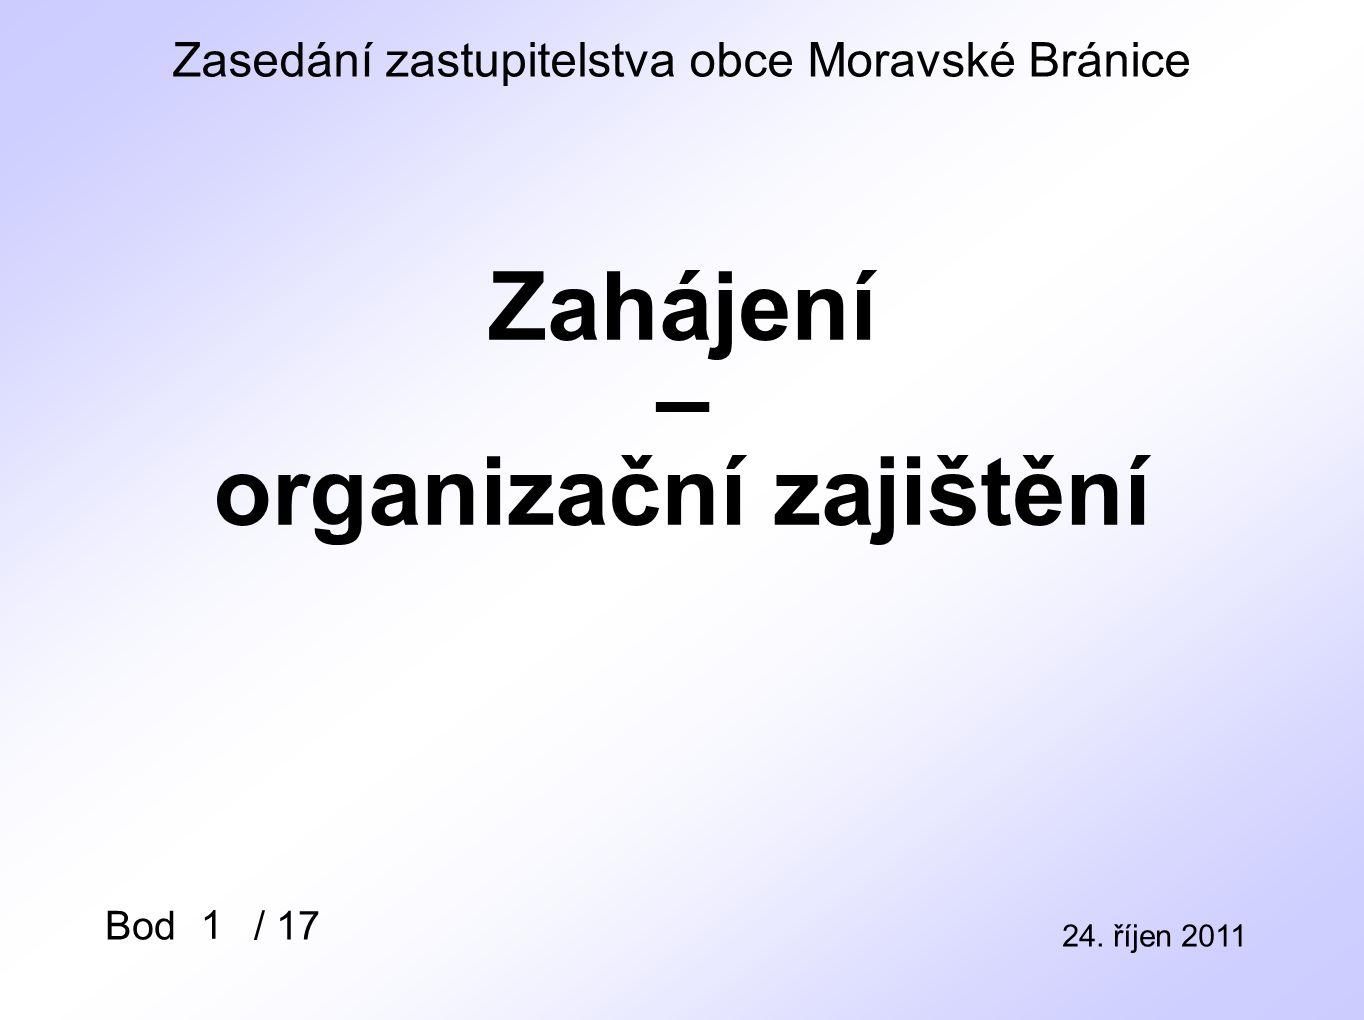 Zasedání zastupitelstva obce Moravské Bránice 24.